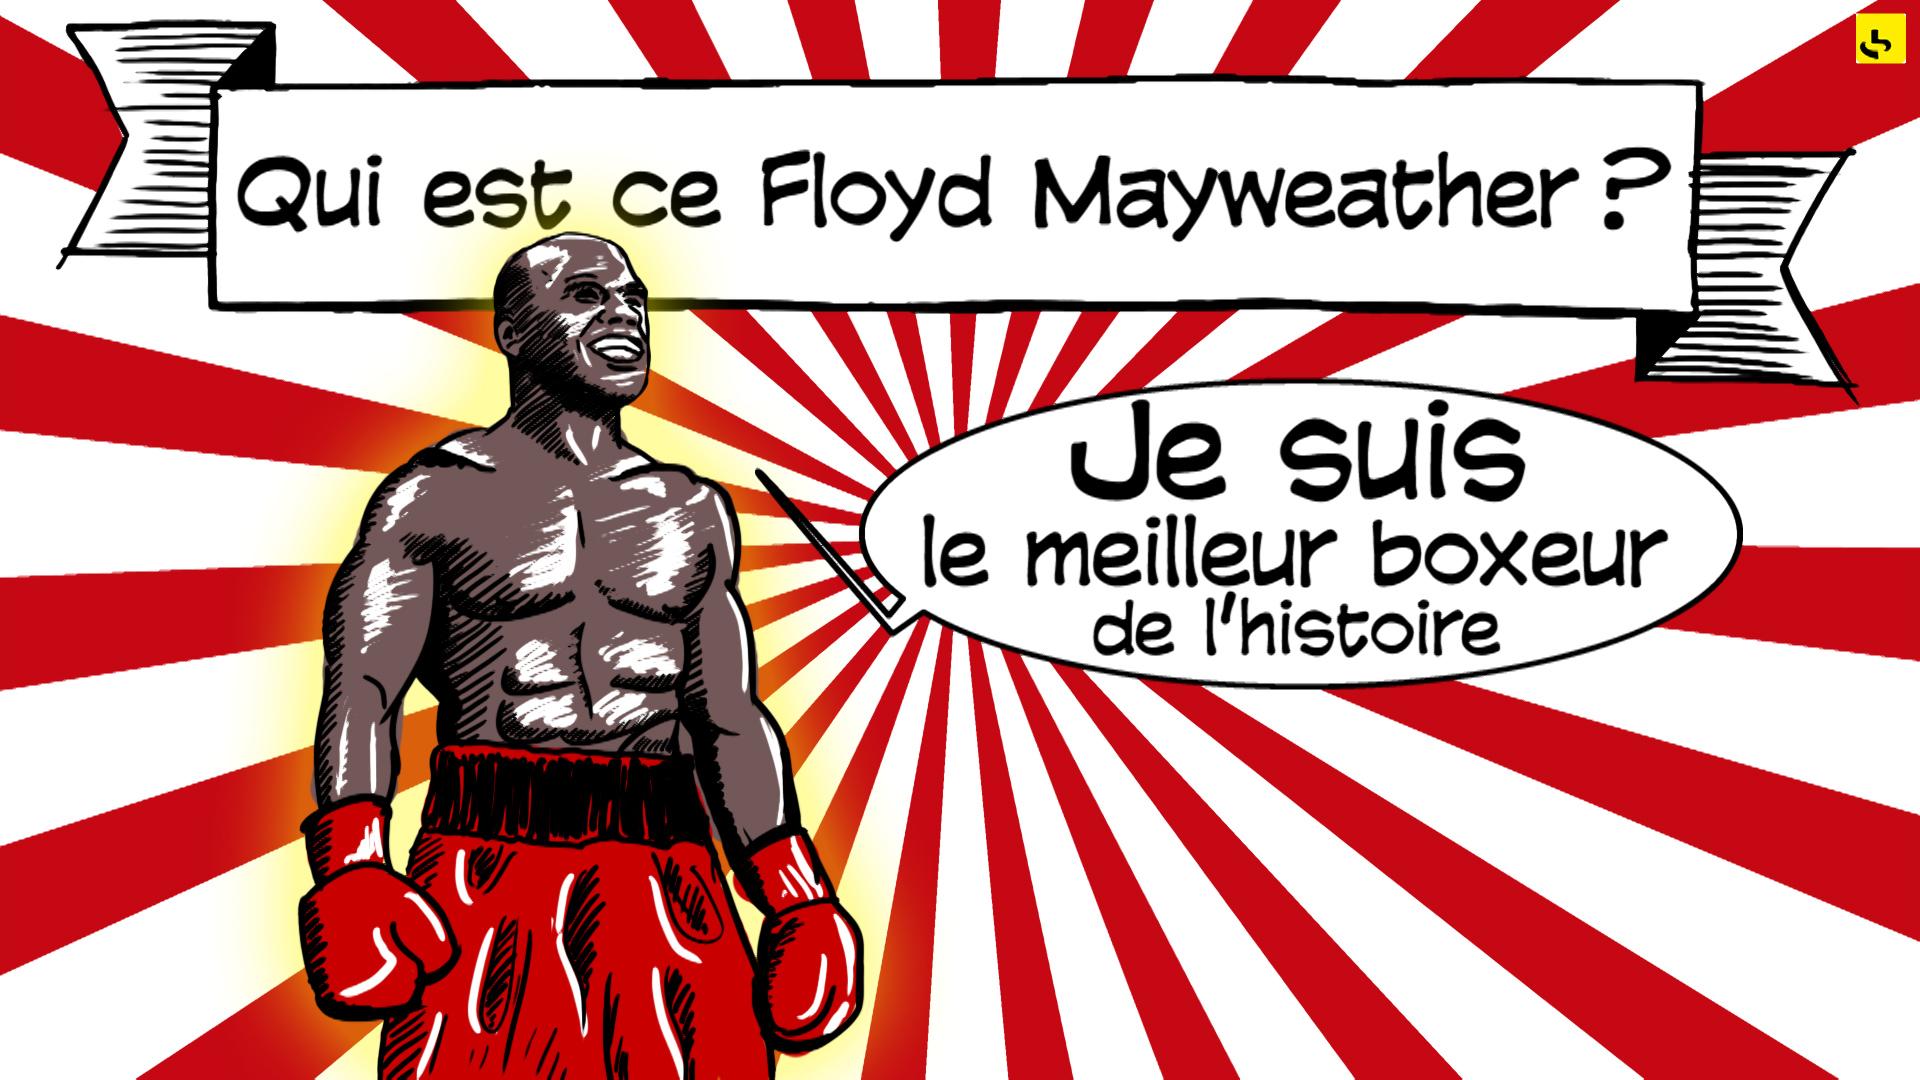 """Floyd Mayweather, création d'une animation hebdomadaire pour le web site du programme """"Expliquez-nous"""" de France info"""